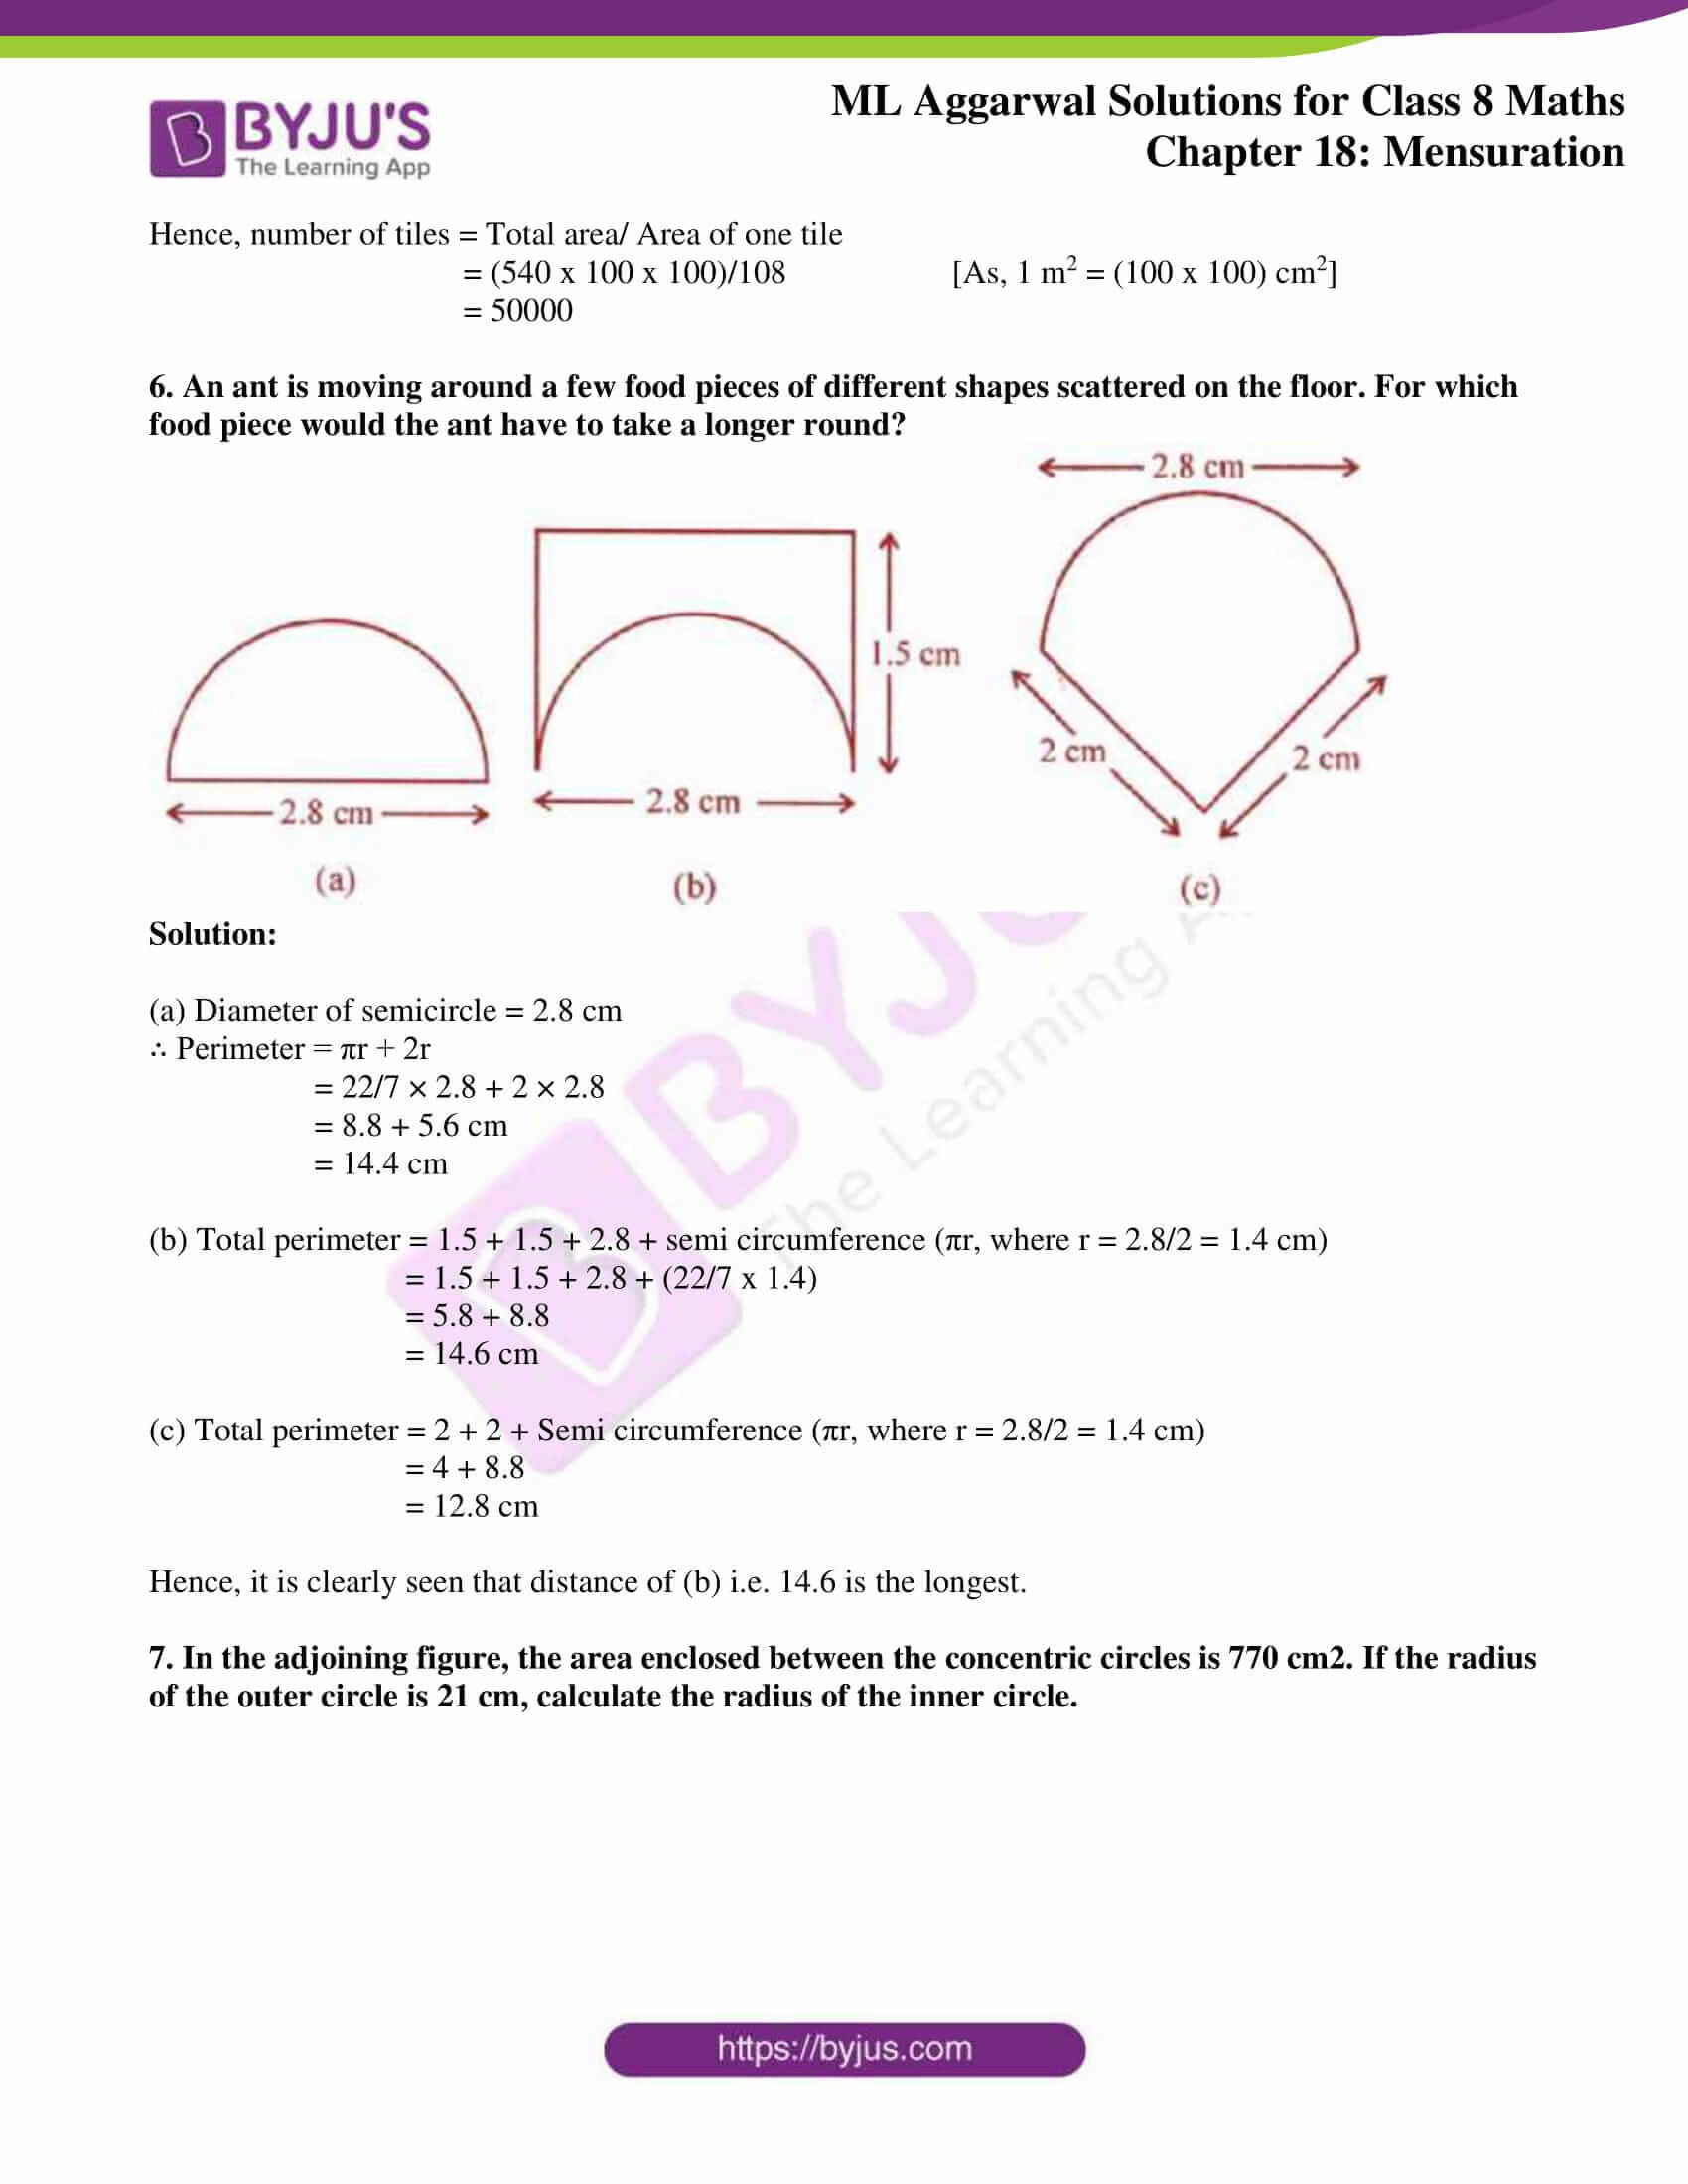 ml aggarwal sol mathematics class 8 ch 18 03